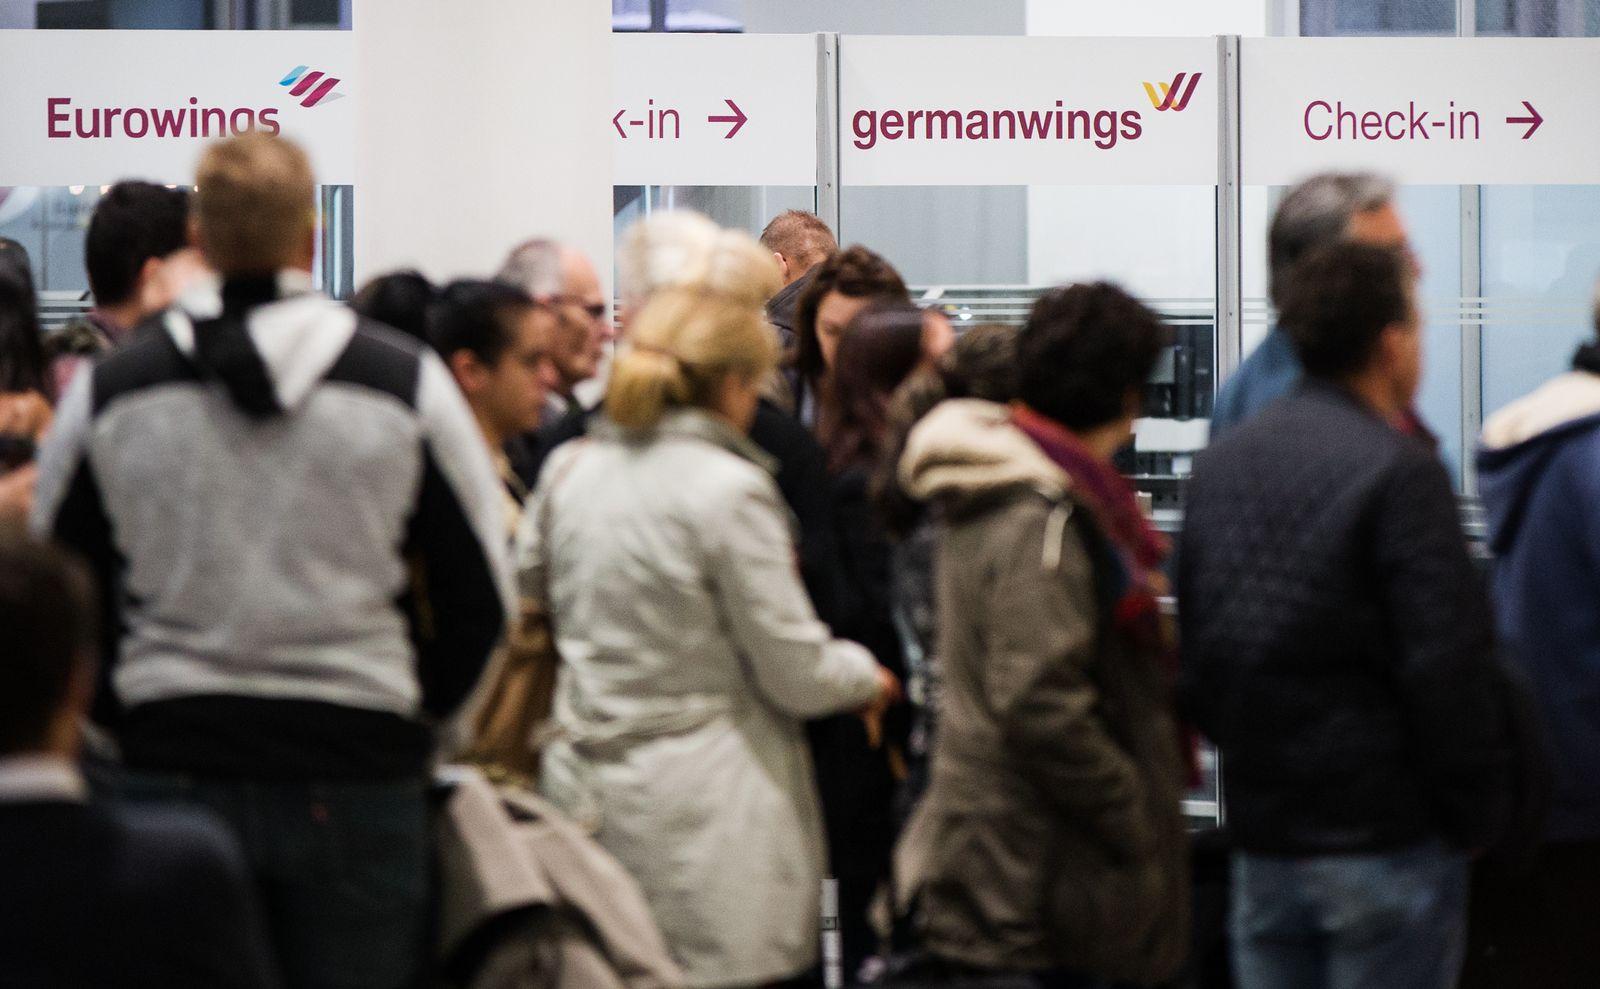 Eurowings/ wartende Passagiere